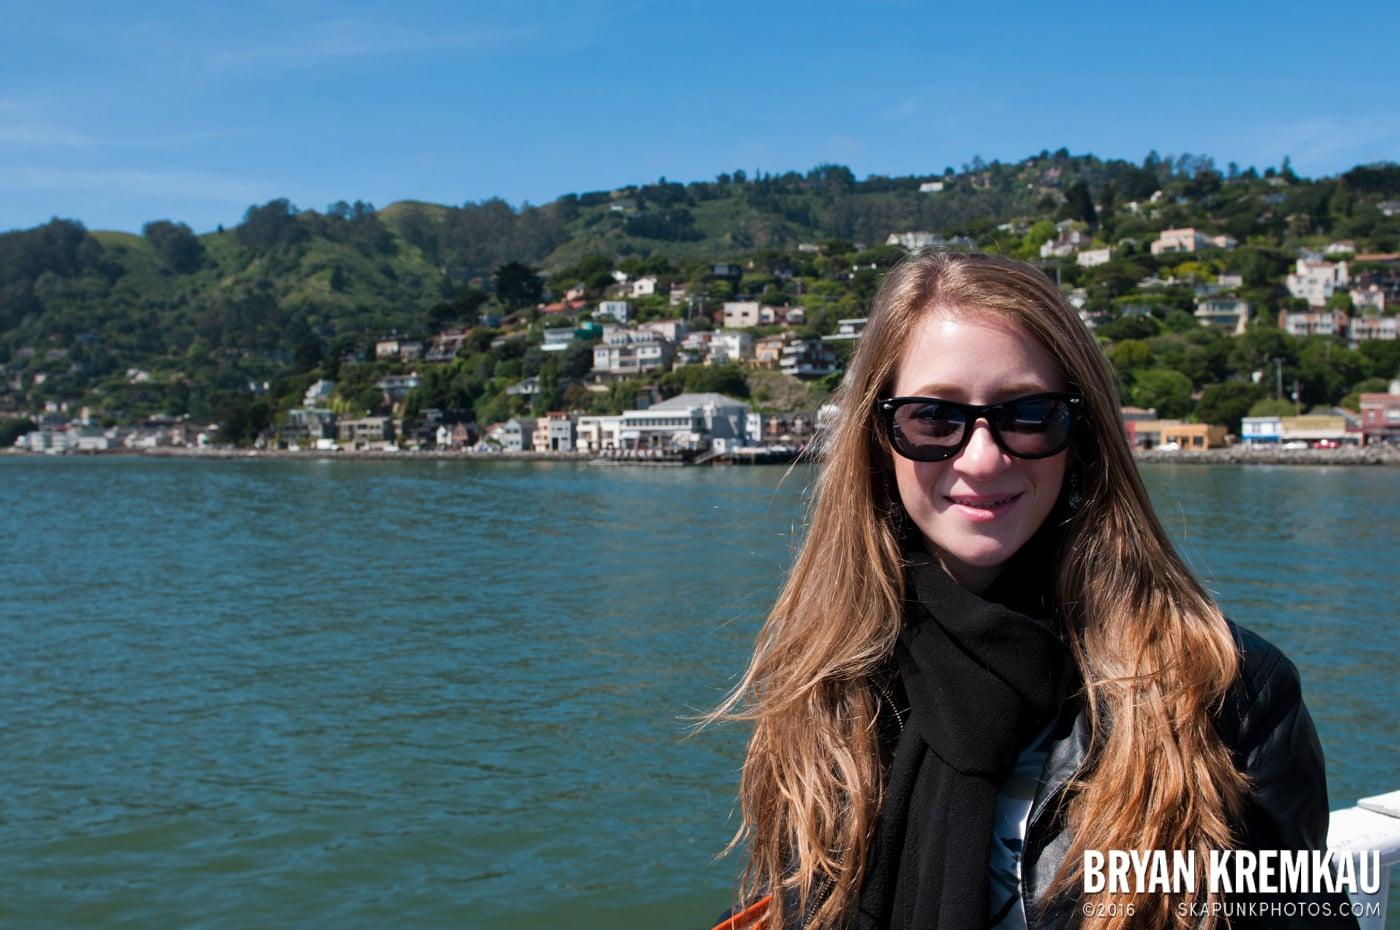 San Francisco Vacation - Day 3 - 4.30.12 (81)